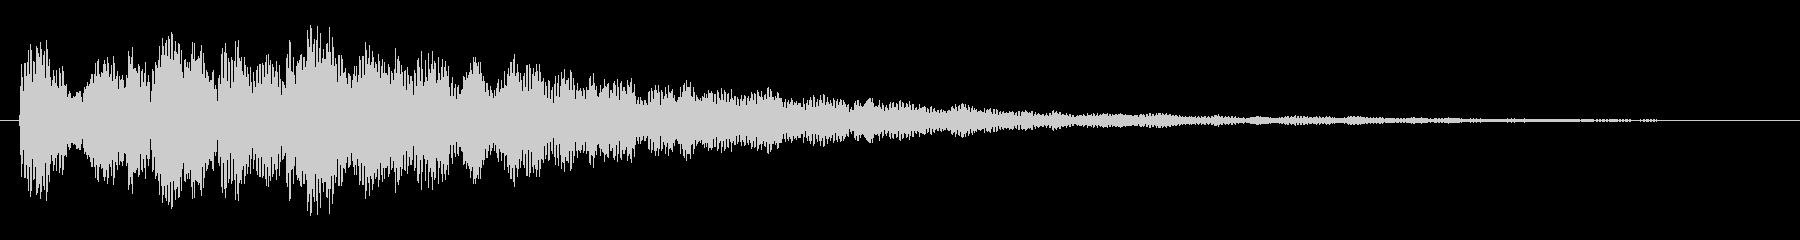 カカーン(金属系の音)の未再生の波形